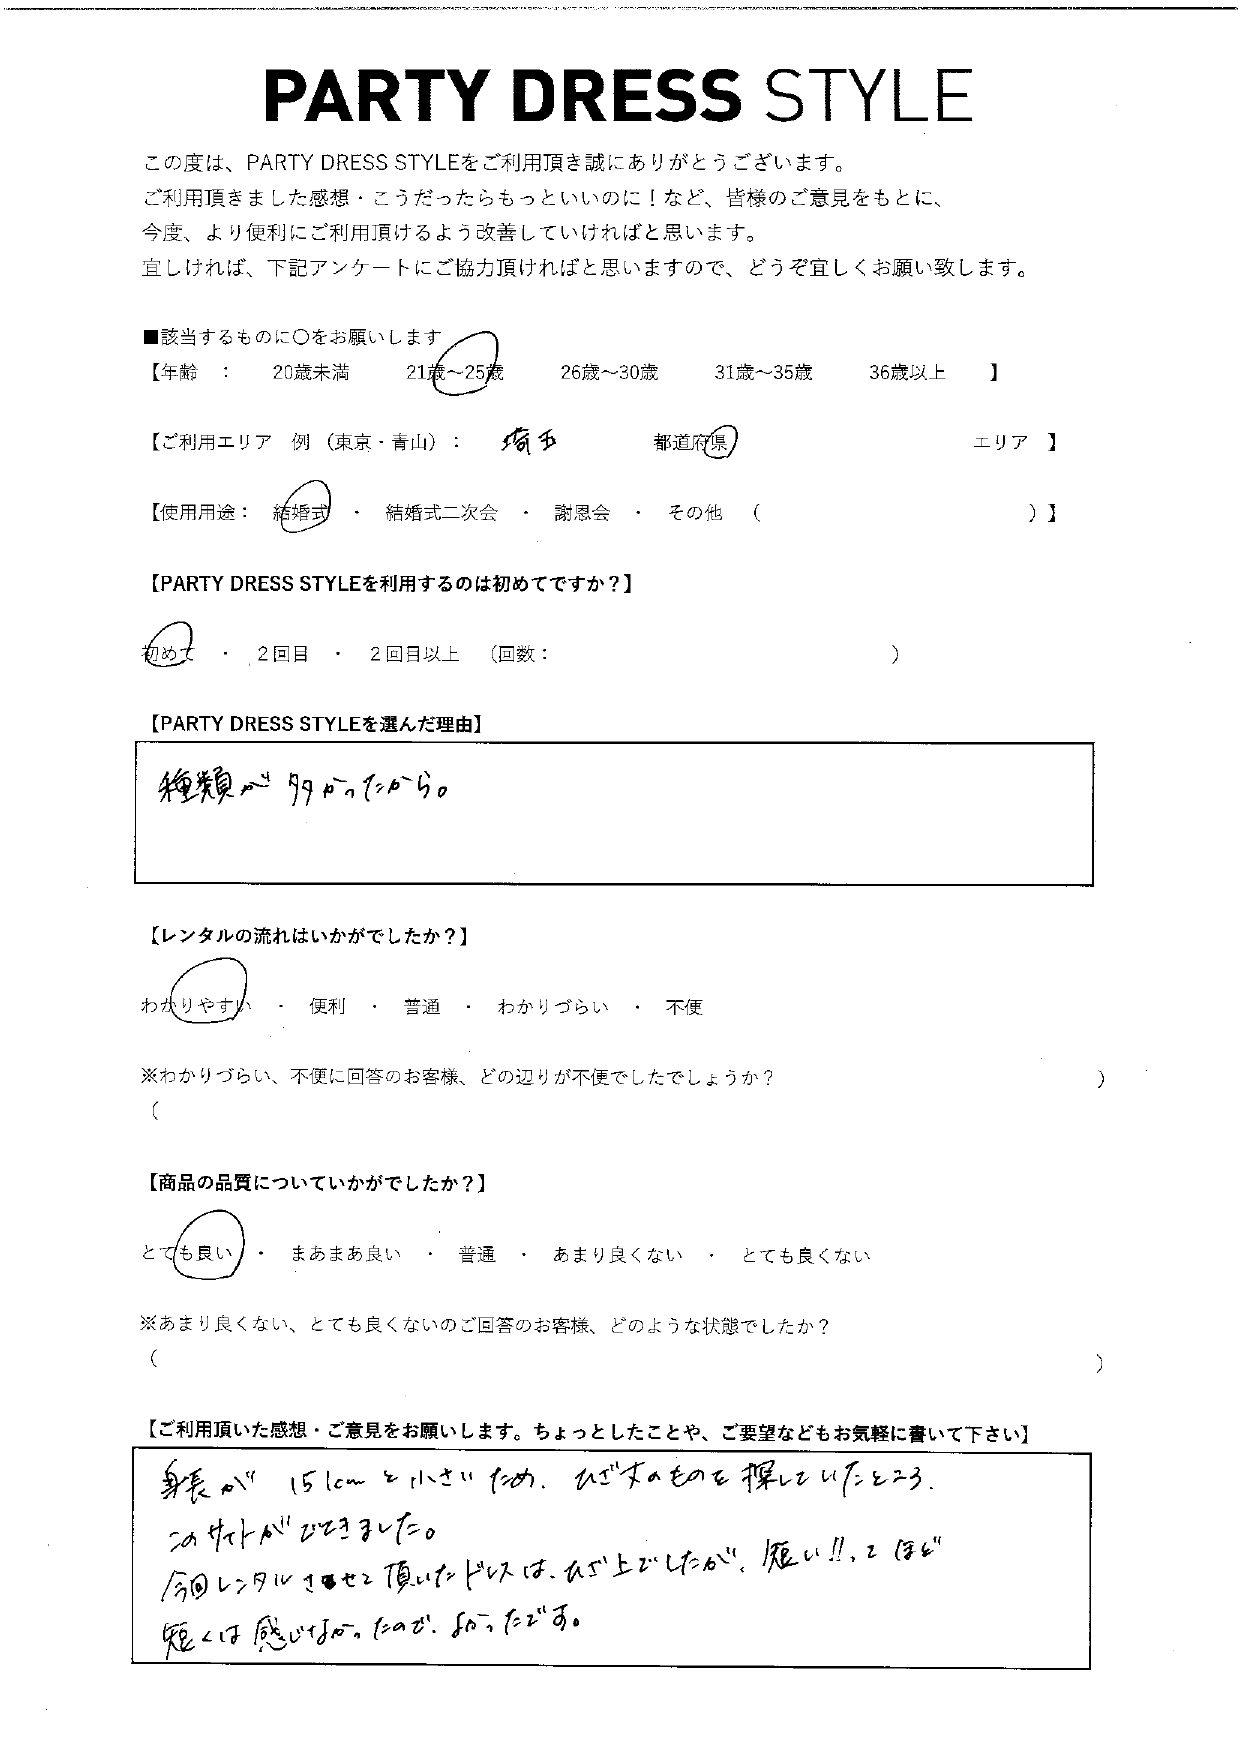 6/12結婚式ご利用 埼玉エリア